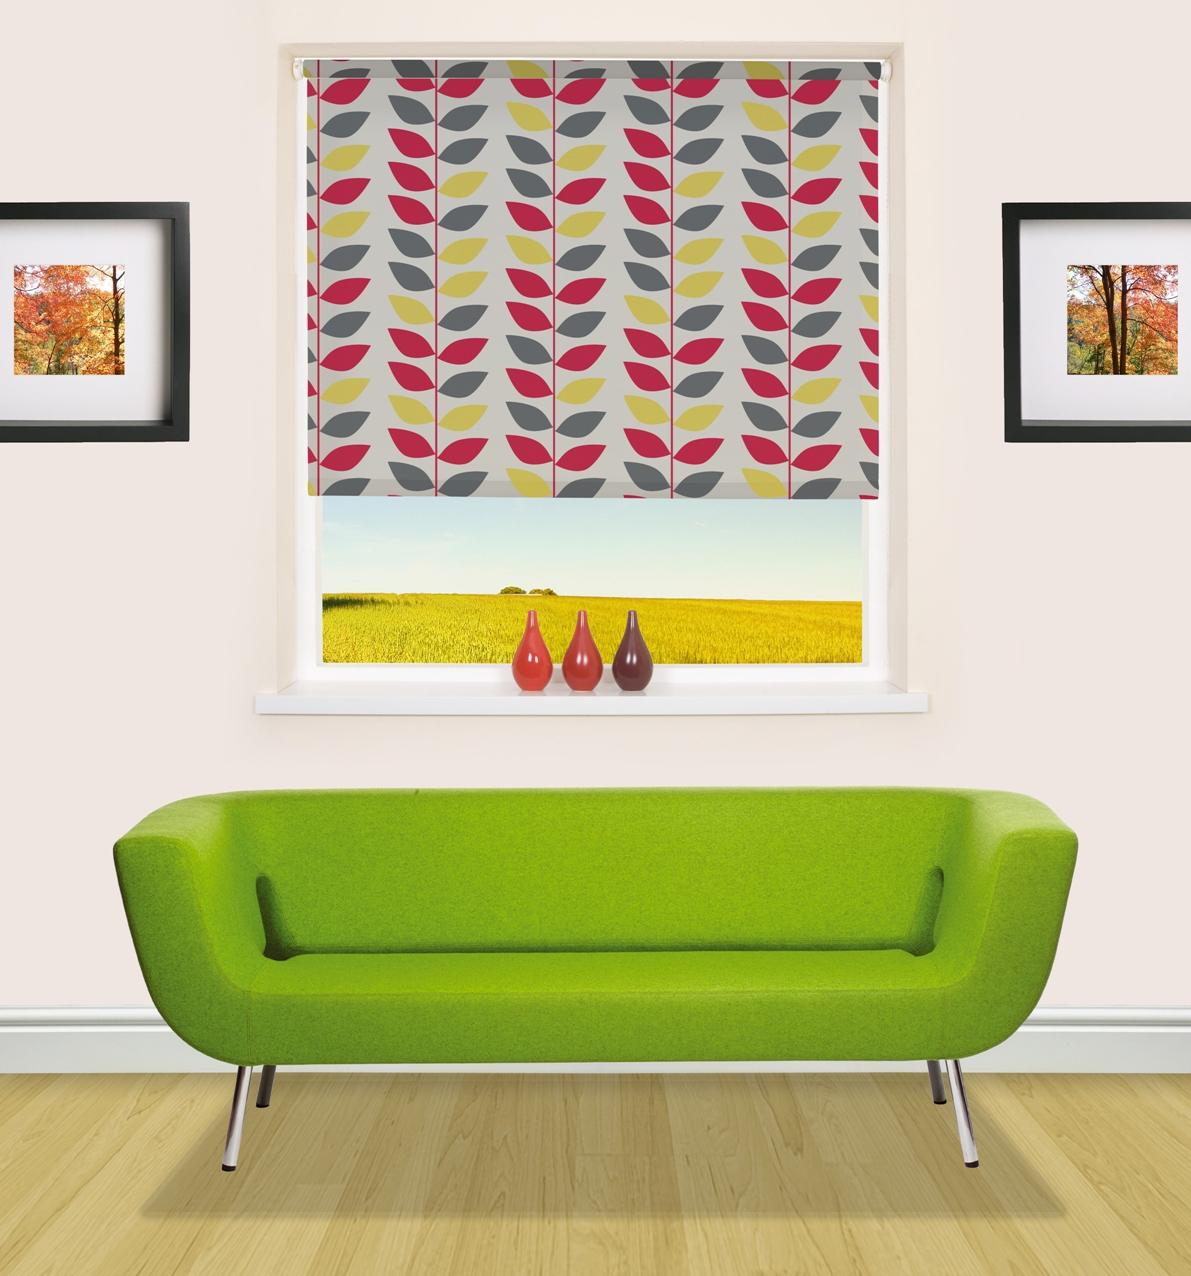 blinds and curtains fresh design blog. Black Bedroom Furniture Sets. Home Design Ideas